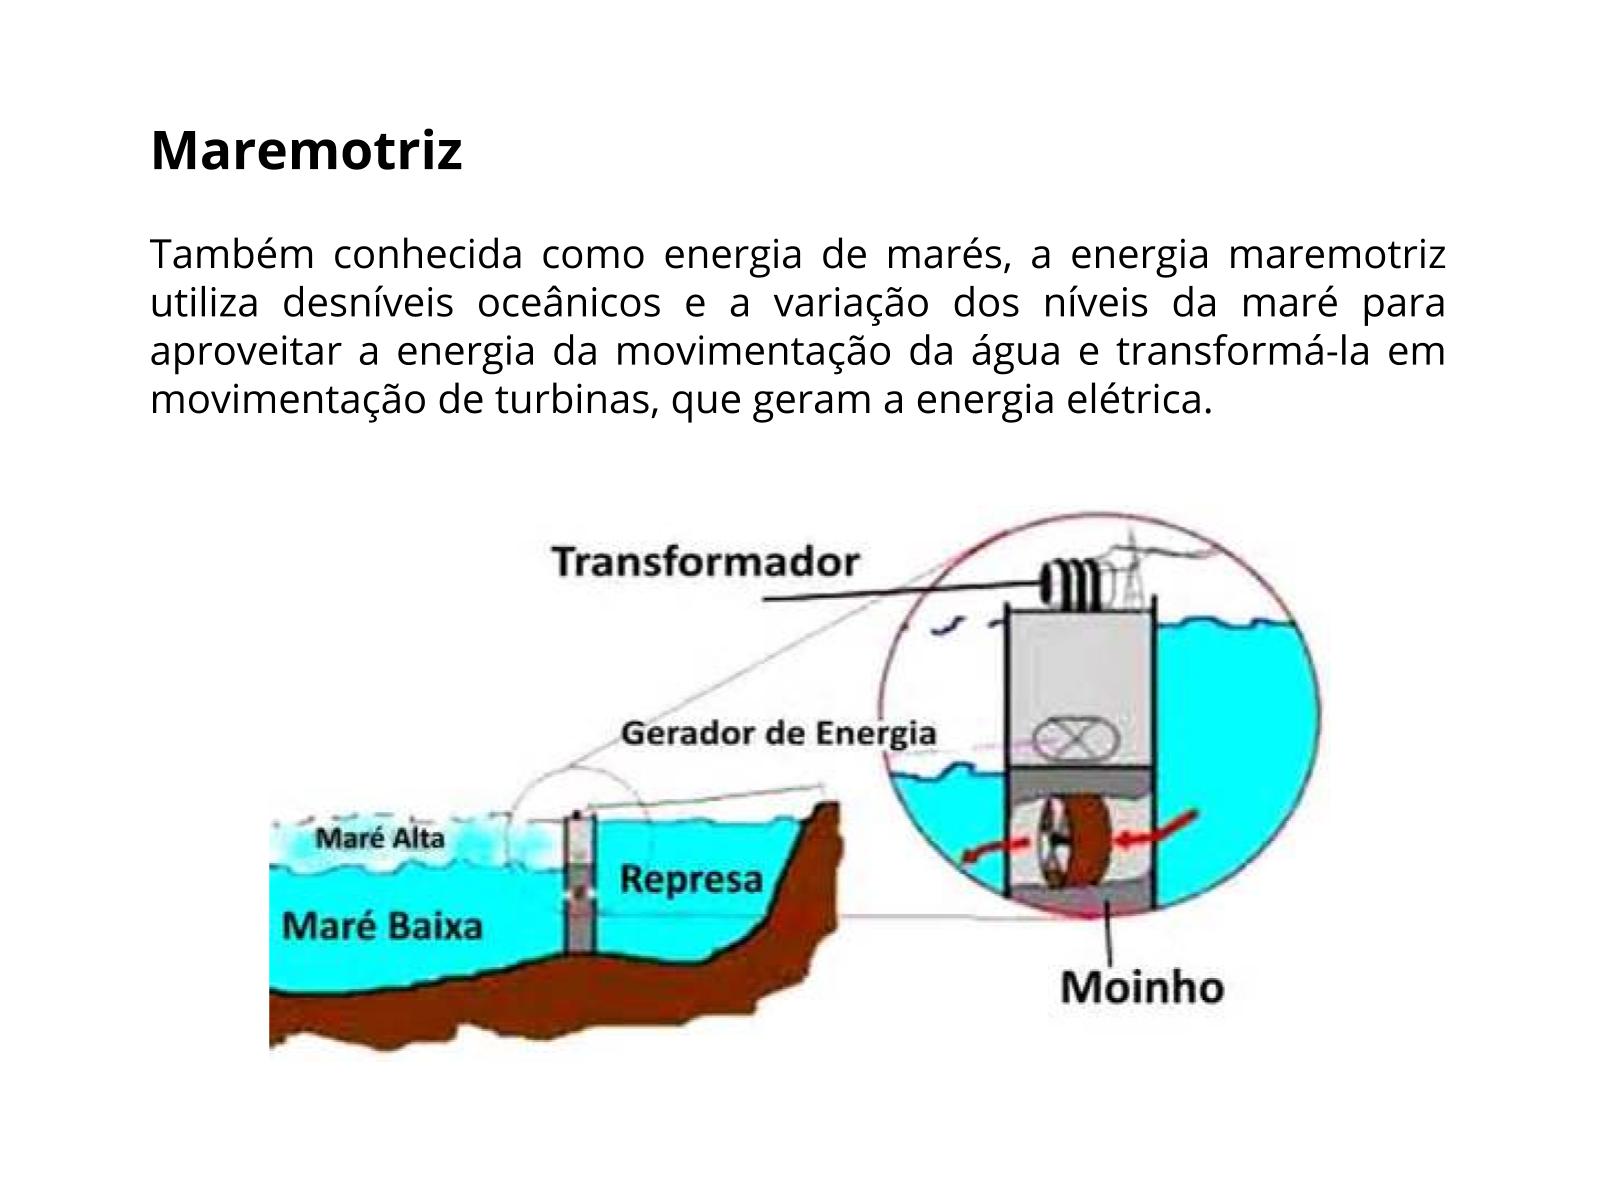 O uso da água na geração de energia elétrica